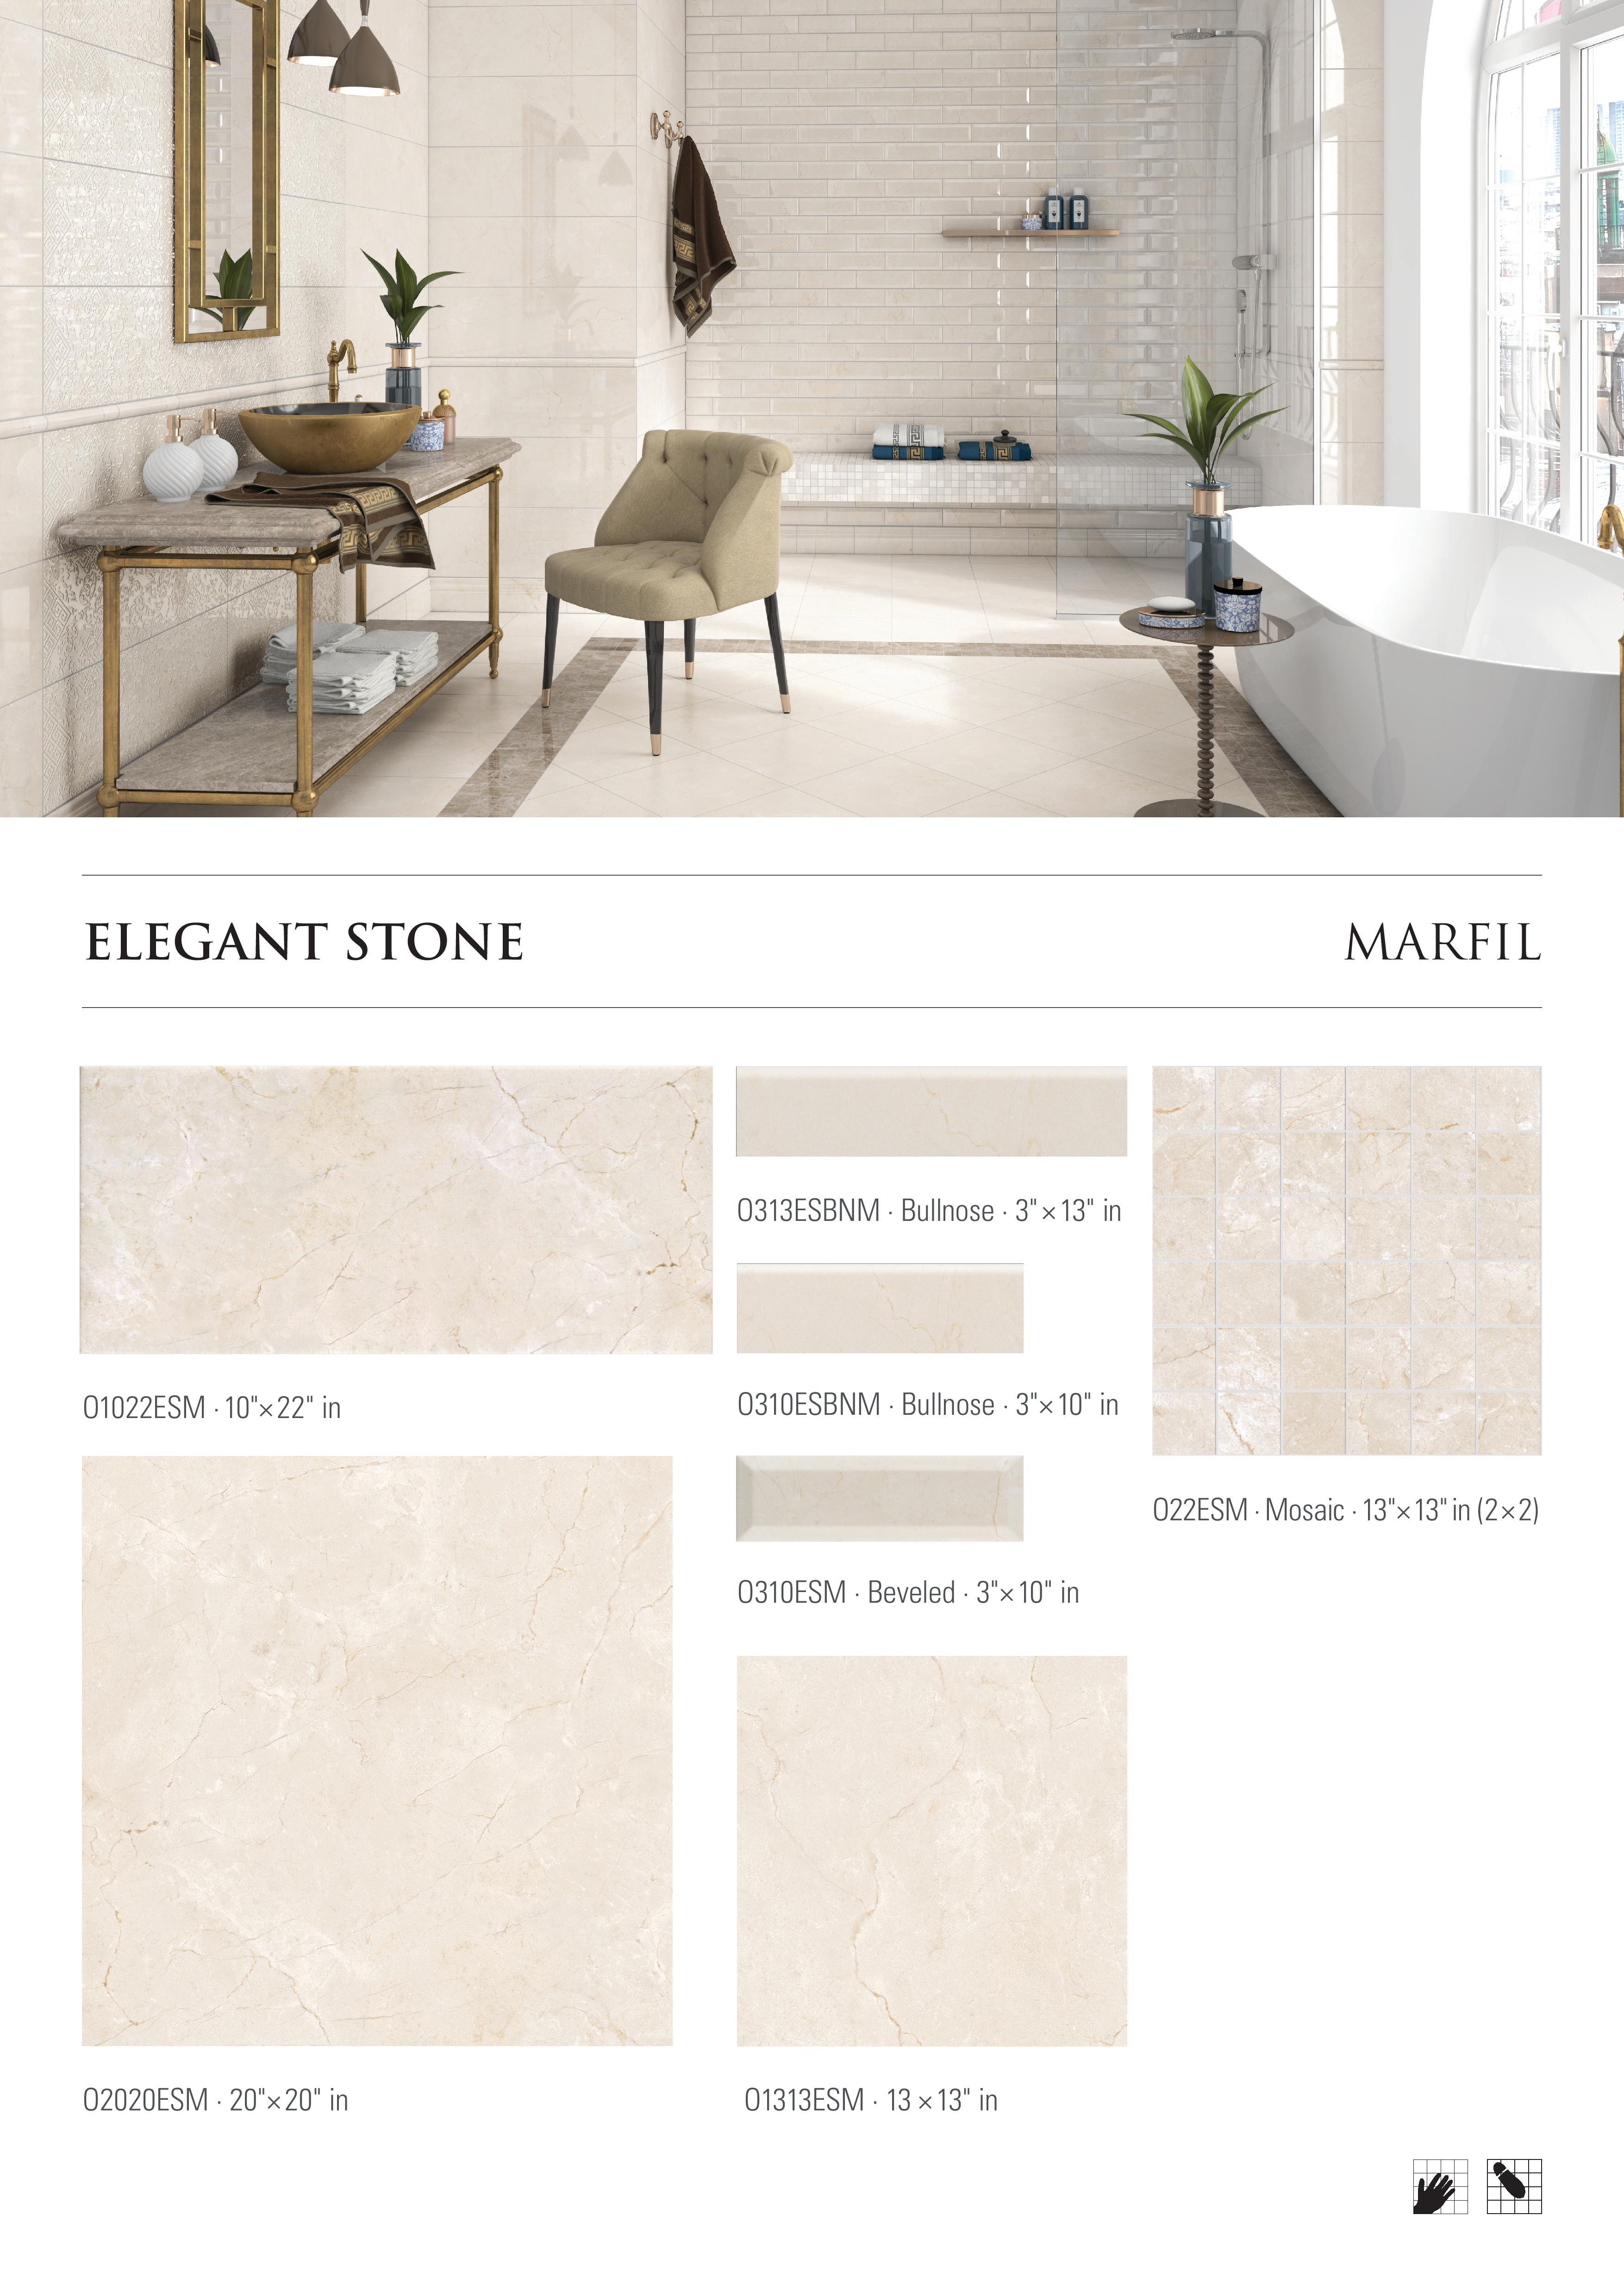 Elegant Stone Marfil Porcelain Tile by Opulenza at belktile.com